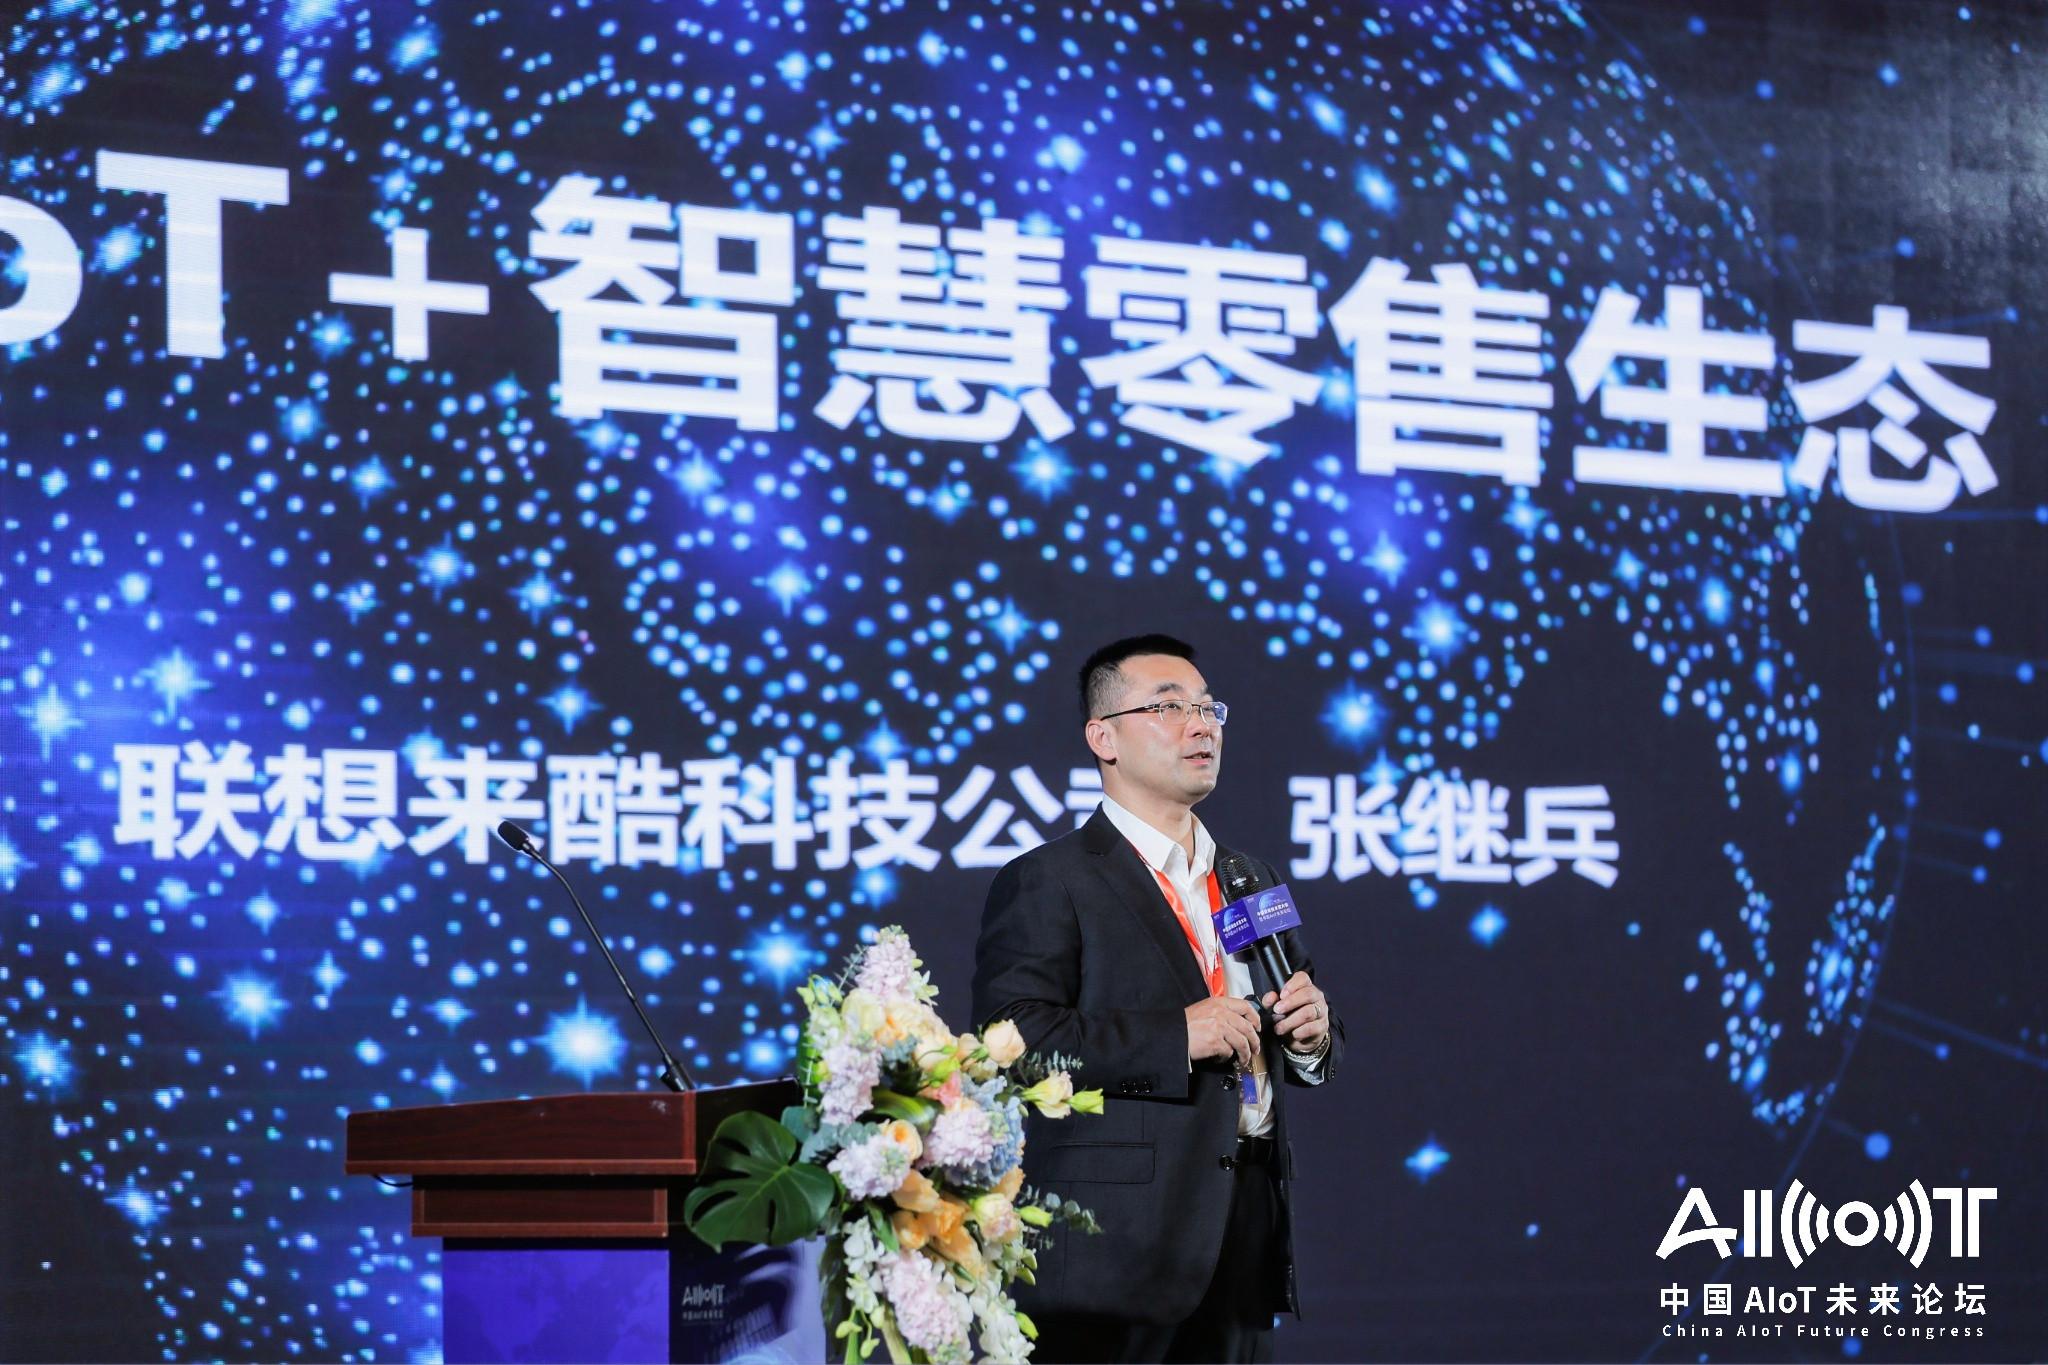 2020中国首席技术官大会暨中国AIoT未来论坛-6